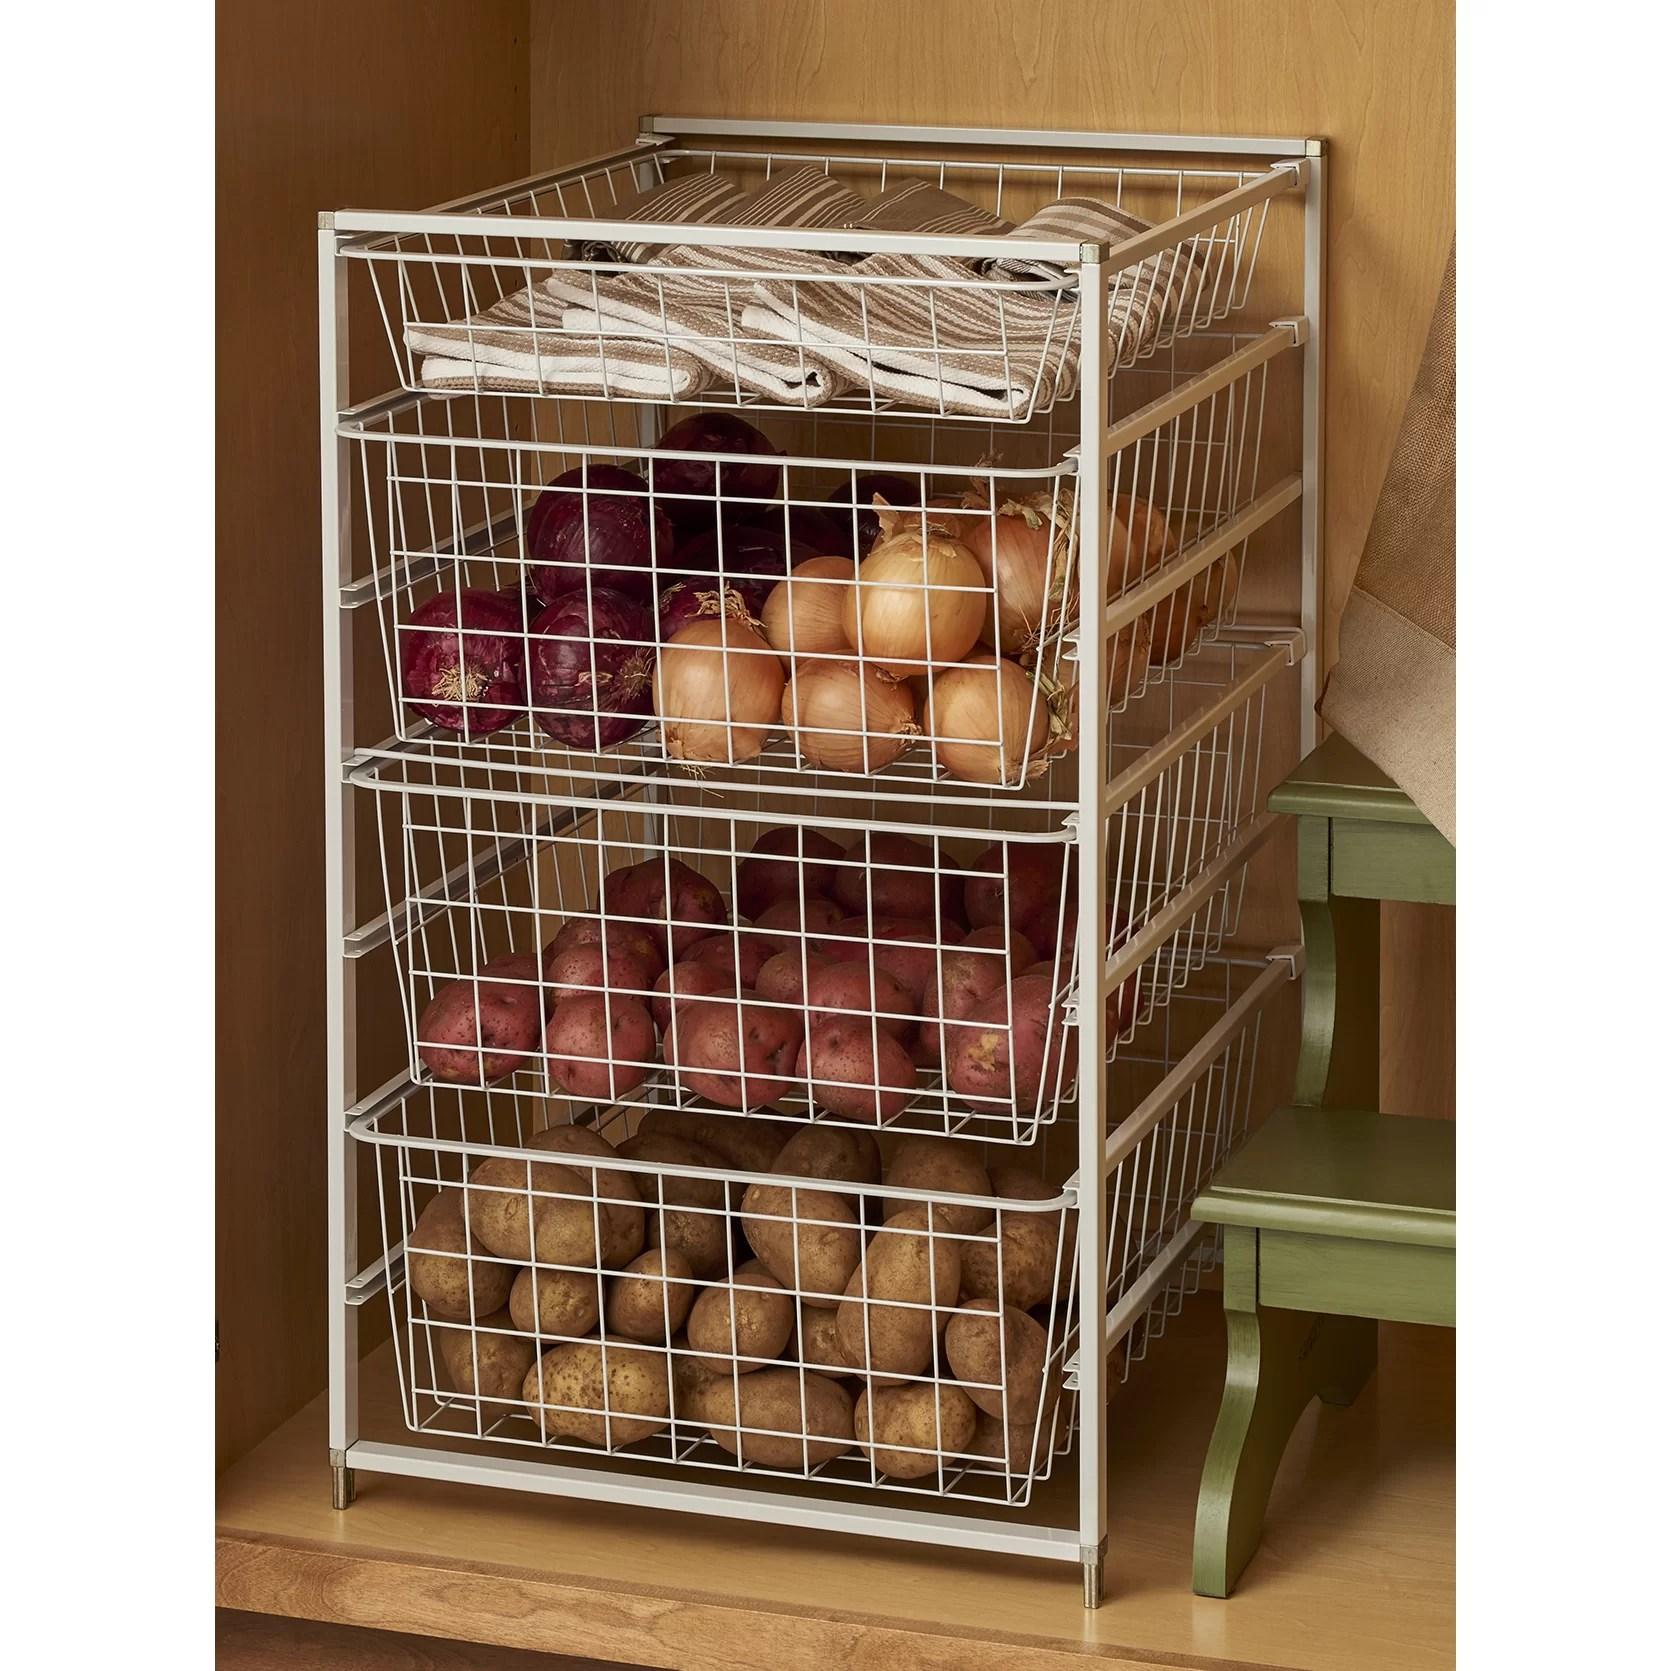 ClosetMaid Wire Drawer Basket Organizer